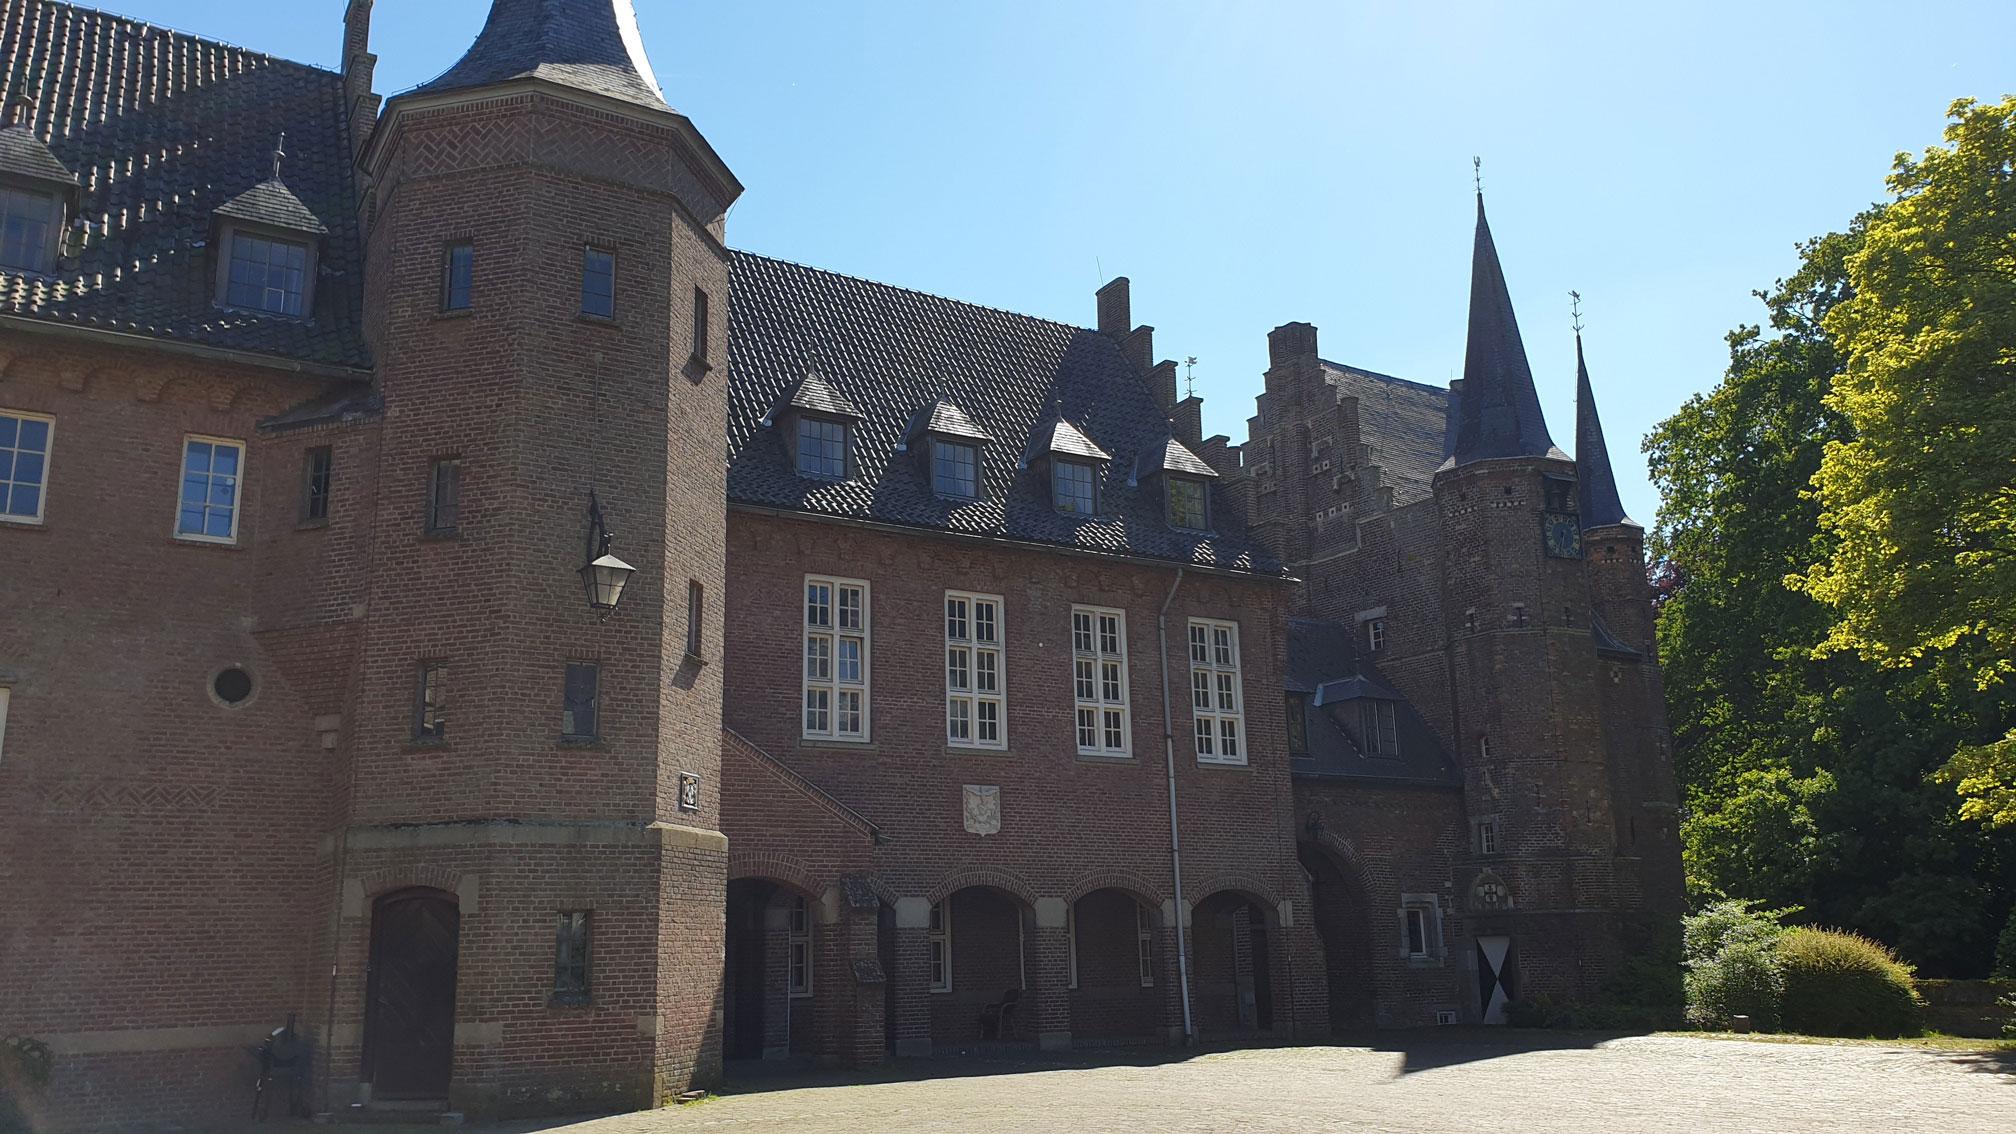 mede-opstellen masterplan, opstellen bestemmingsplannen en ruimtelijke onderbouwingen, uitvoeren onderzoeken kasteel gemert